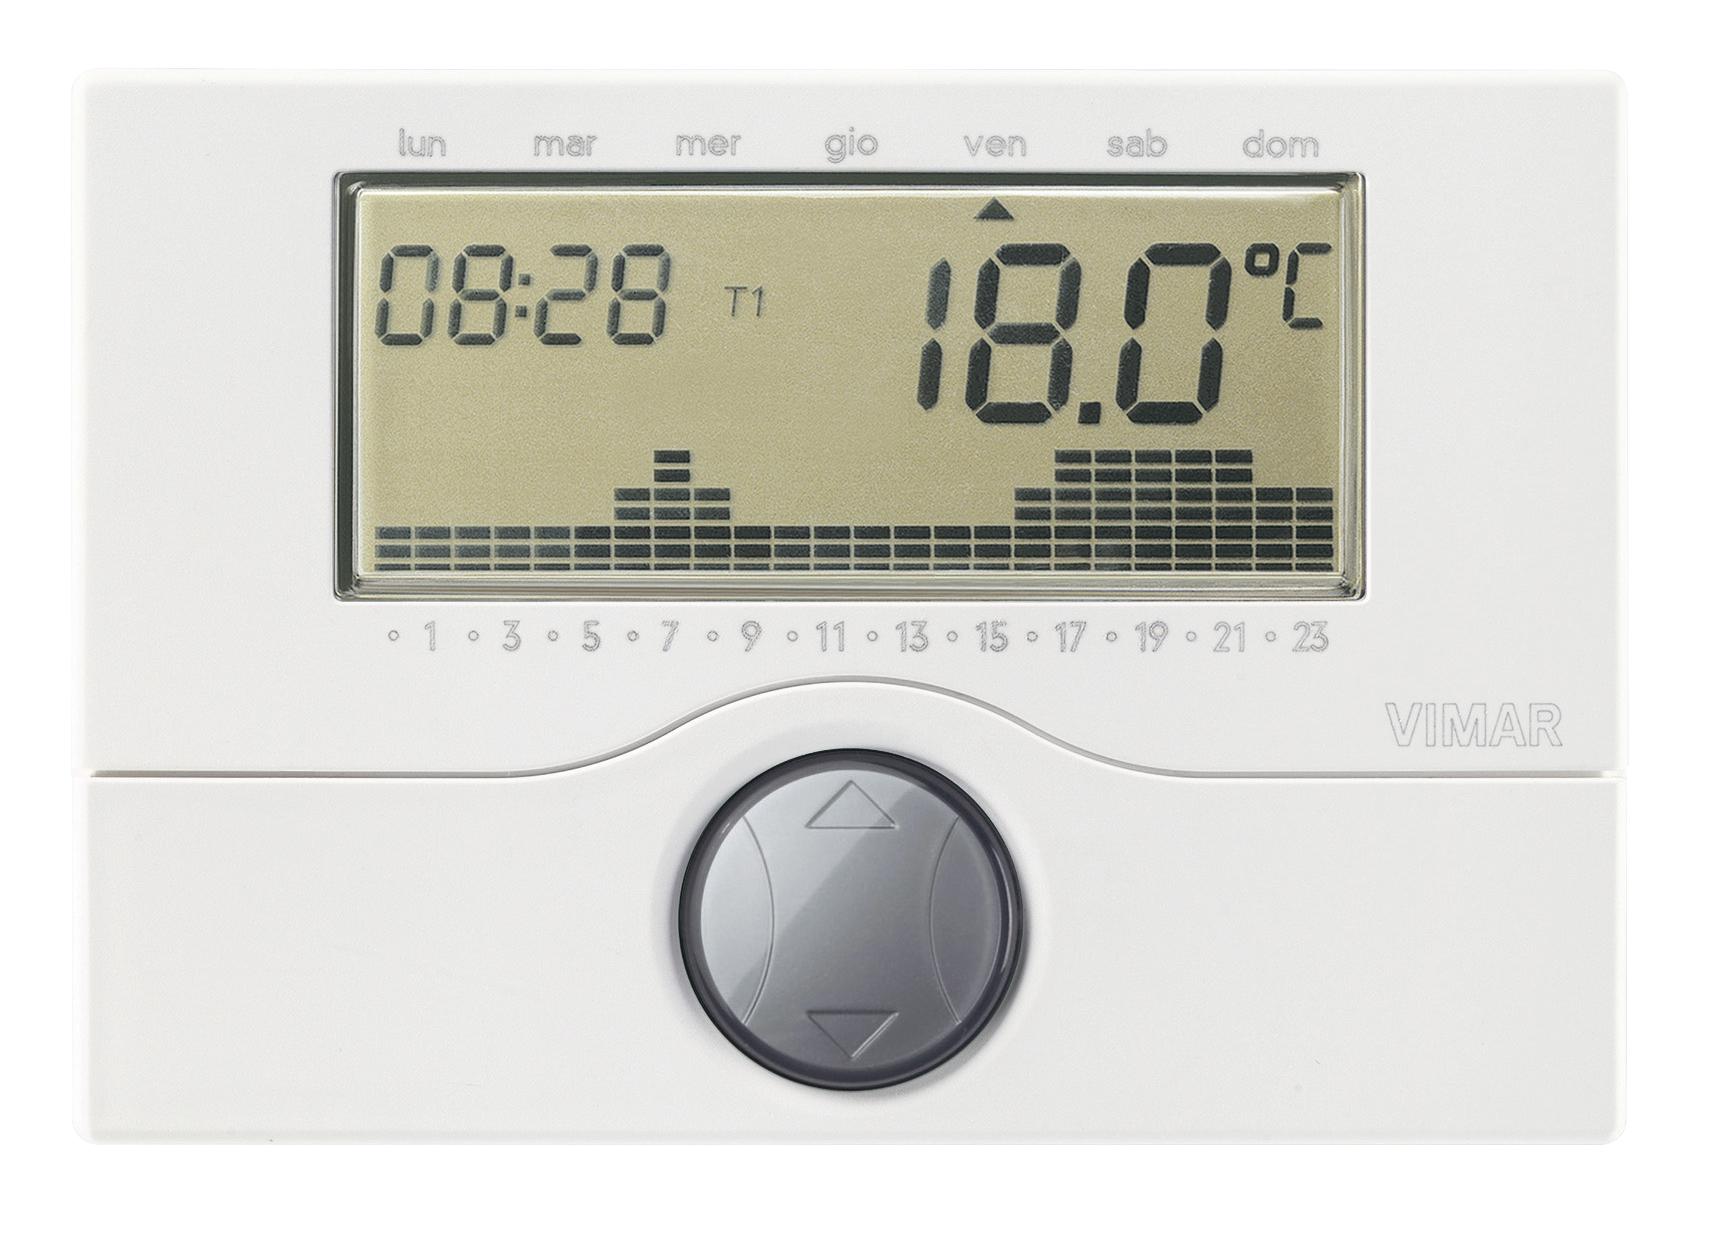 Comfort clima avanzato cronotermostato a batt parete for Tecnoswitch cronotermostato istruzioni